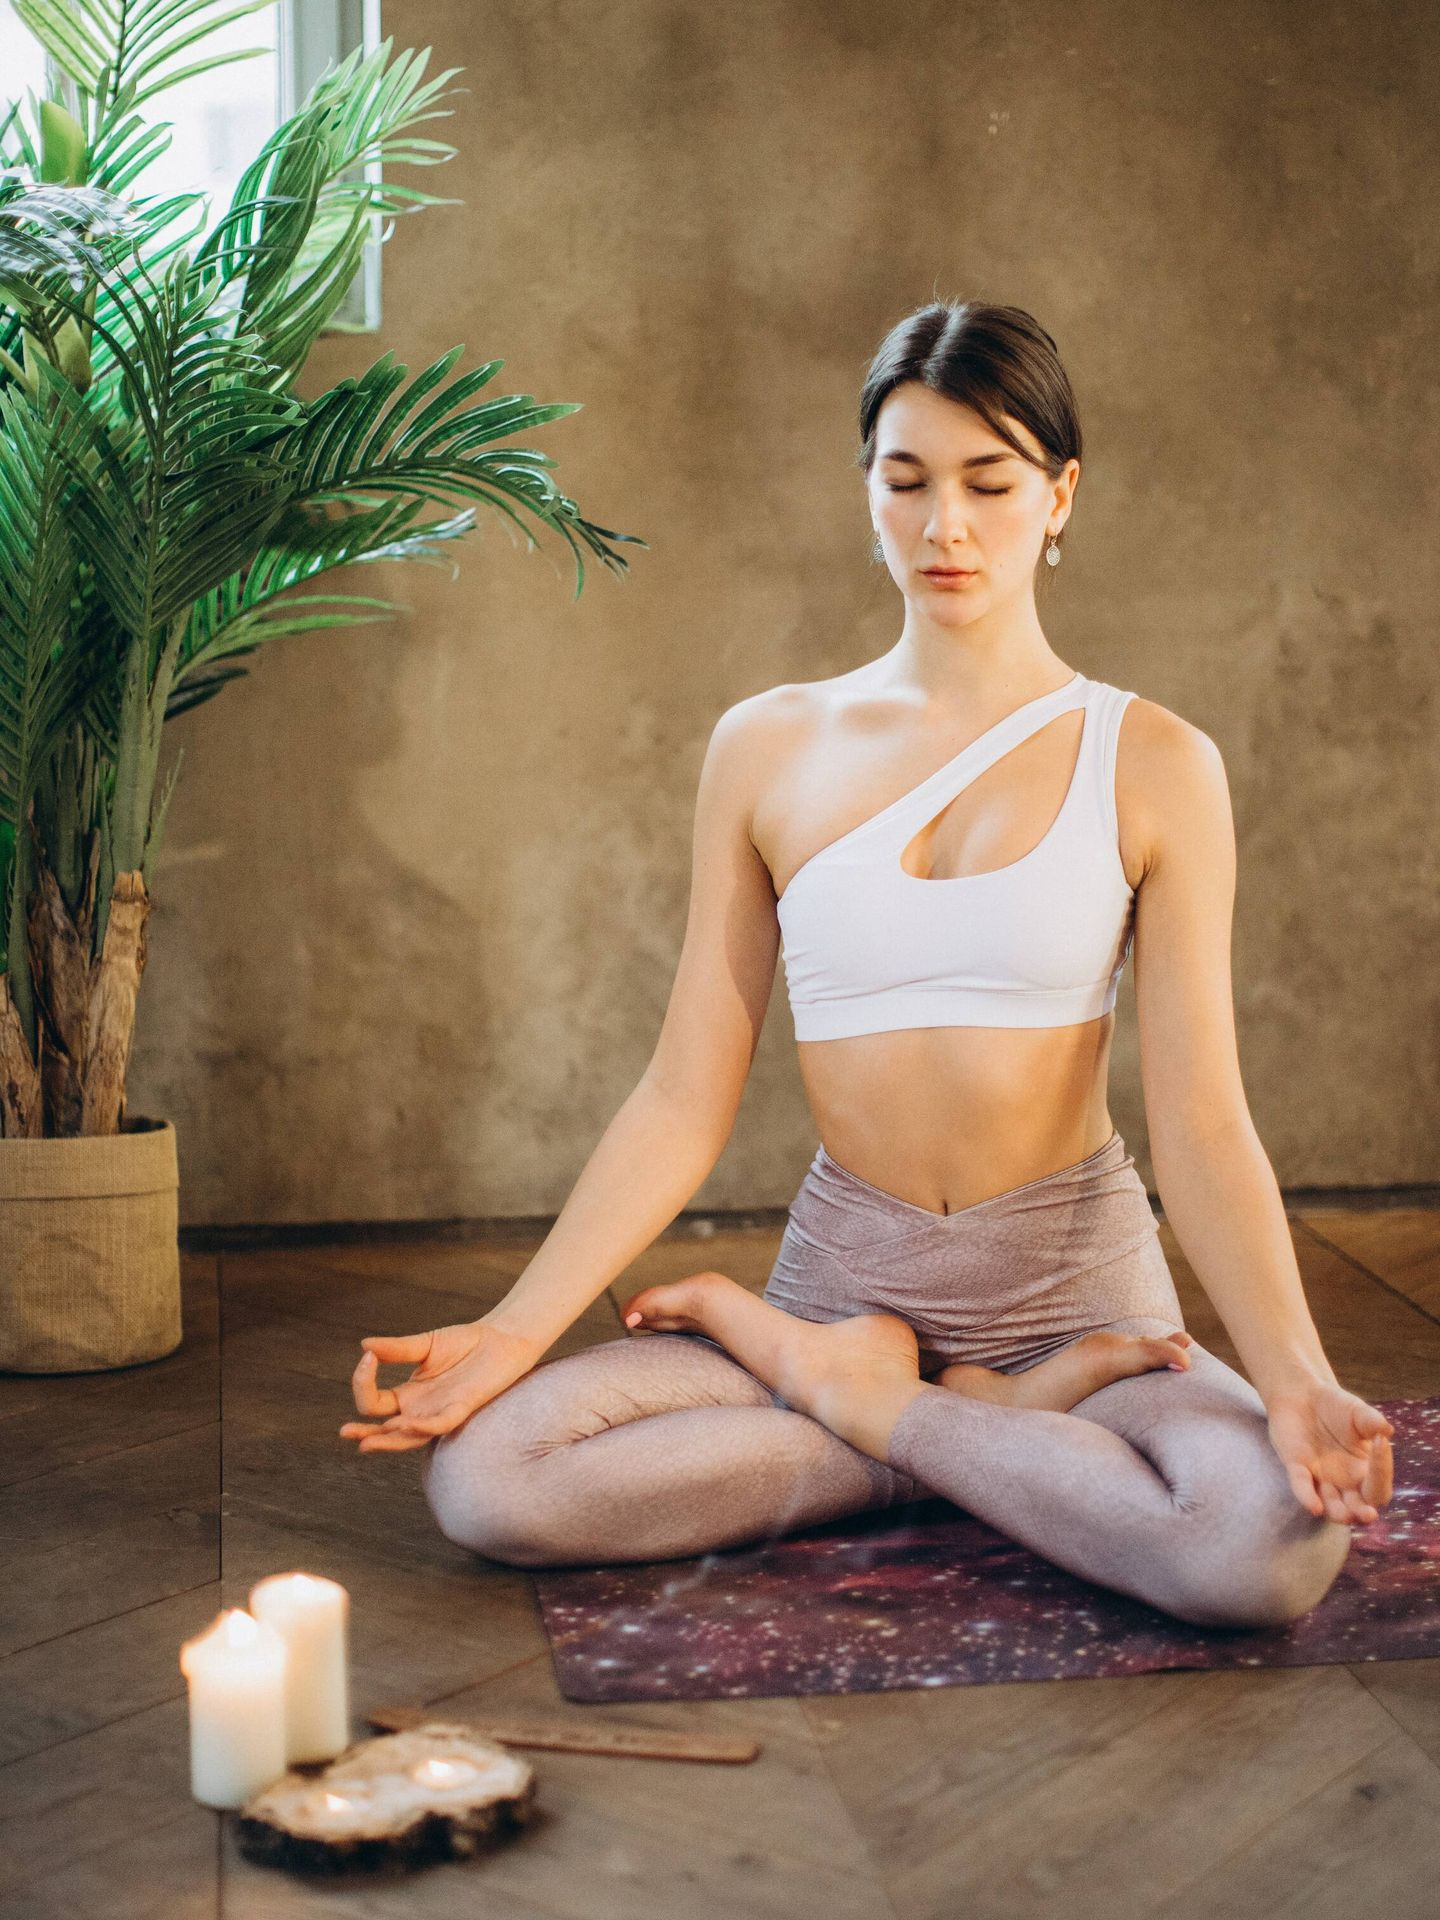 Tipos de meditación y para qué sirven. (Elina Fairytale para Pexels)